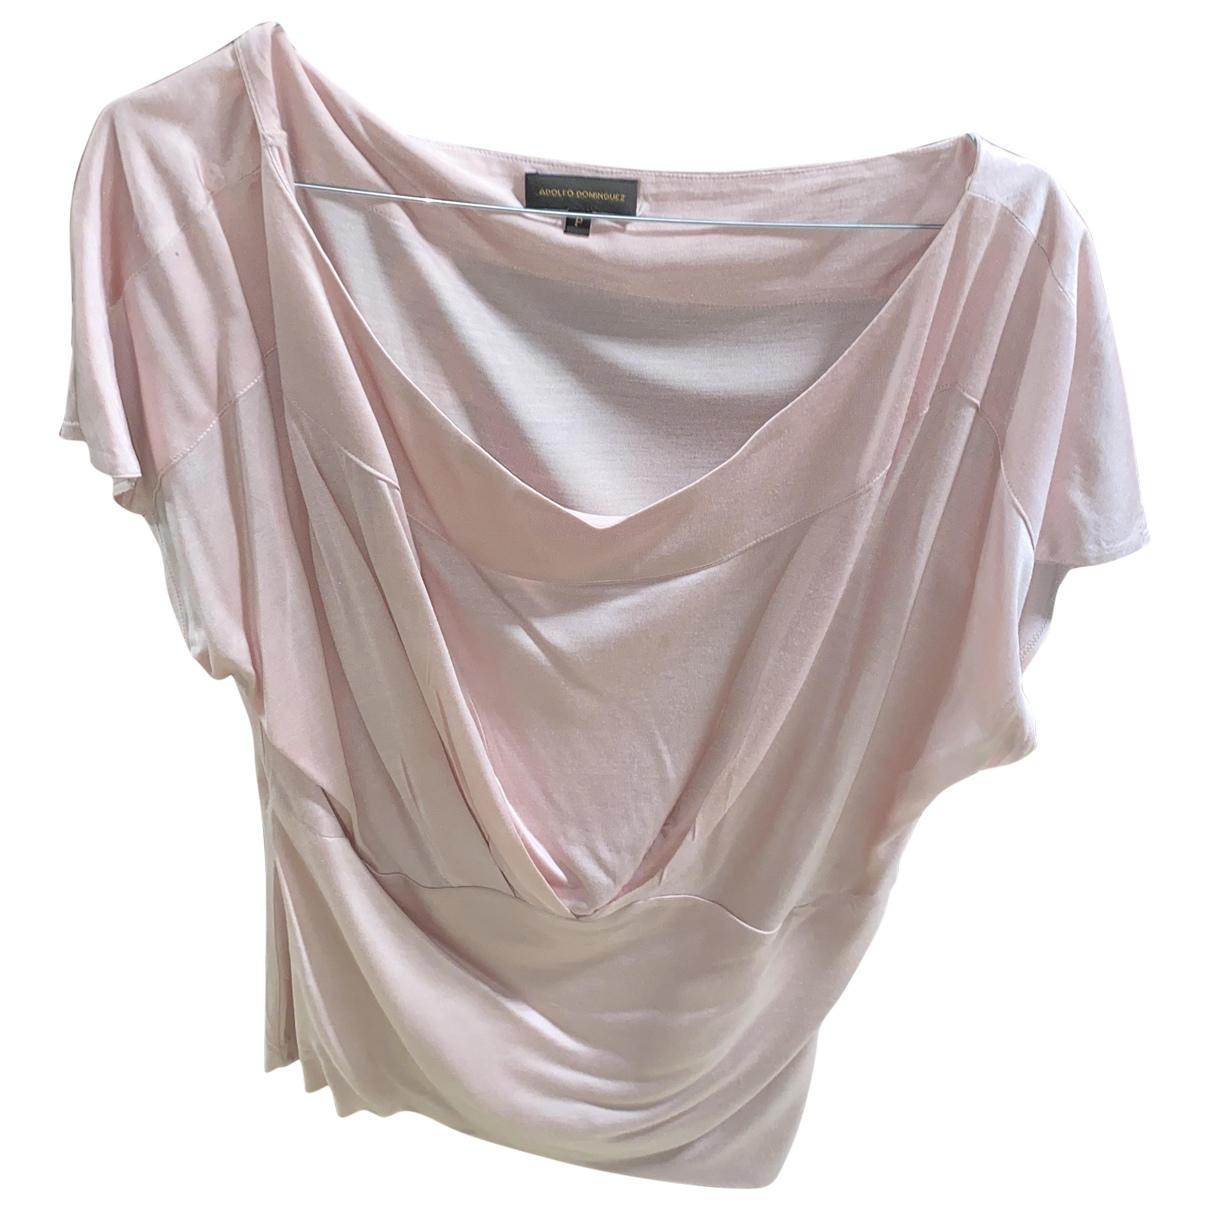 Adolfo Dominguez - Top   pour femme en coton - rose